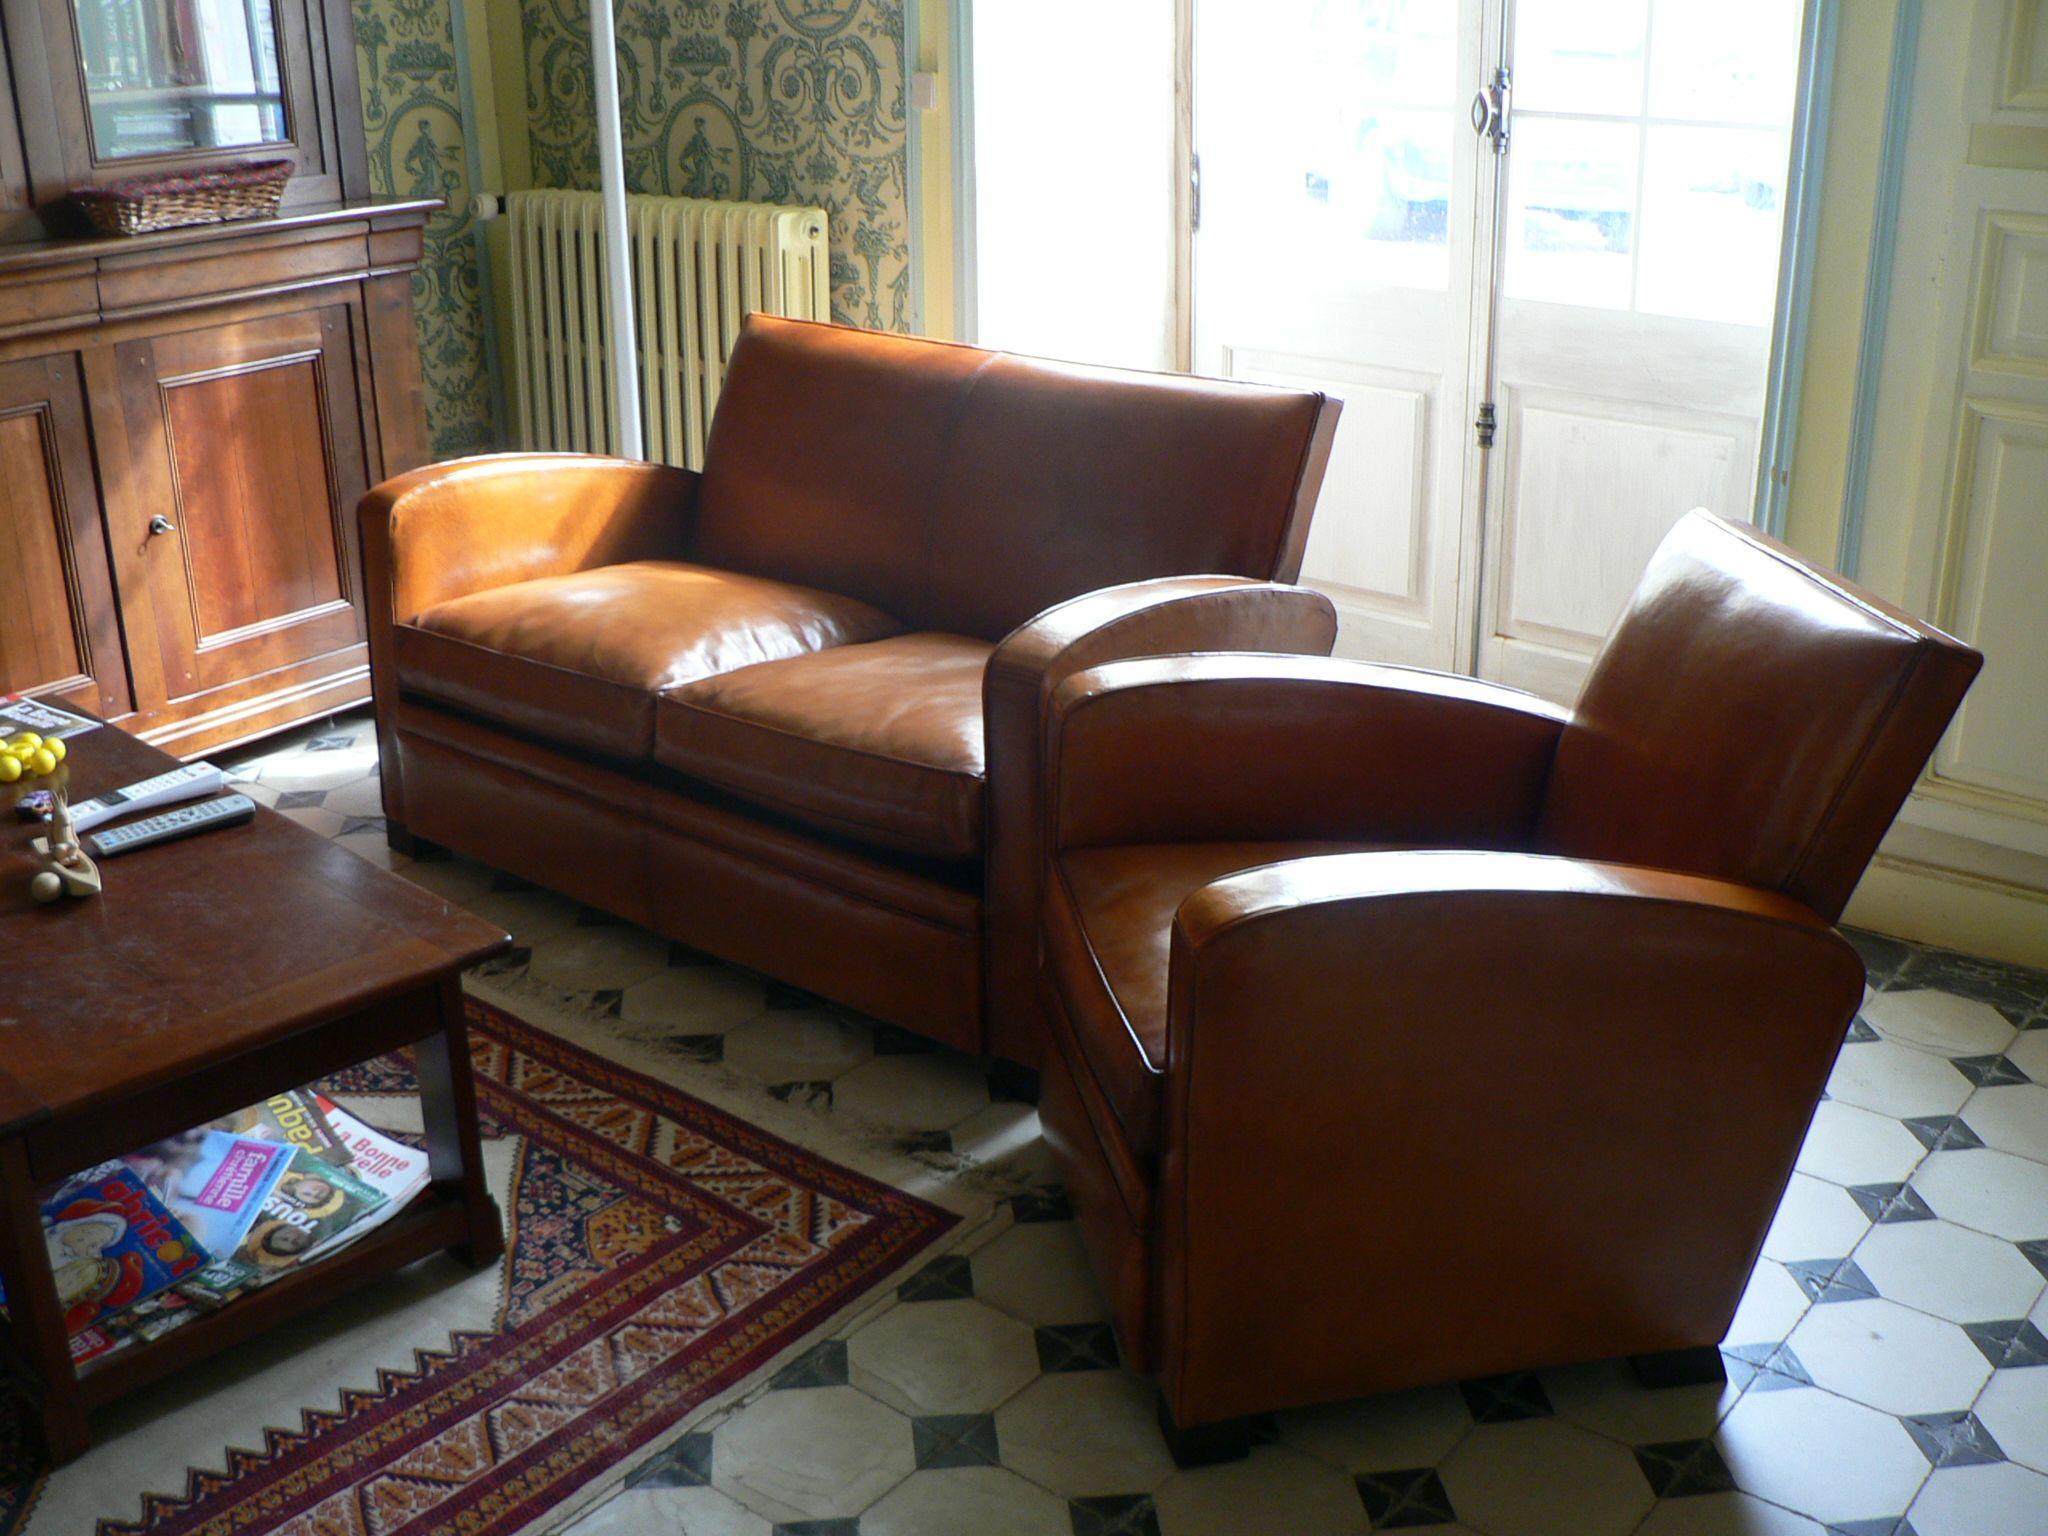 Art deco vintage leather sofa armchair - Explore Leather Chairs Leather Sofa And More